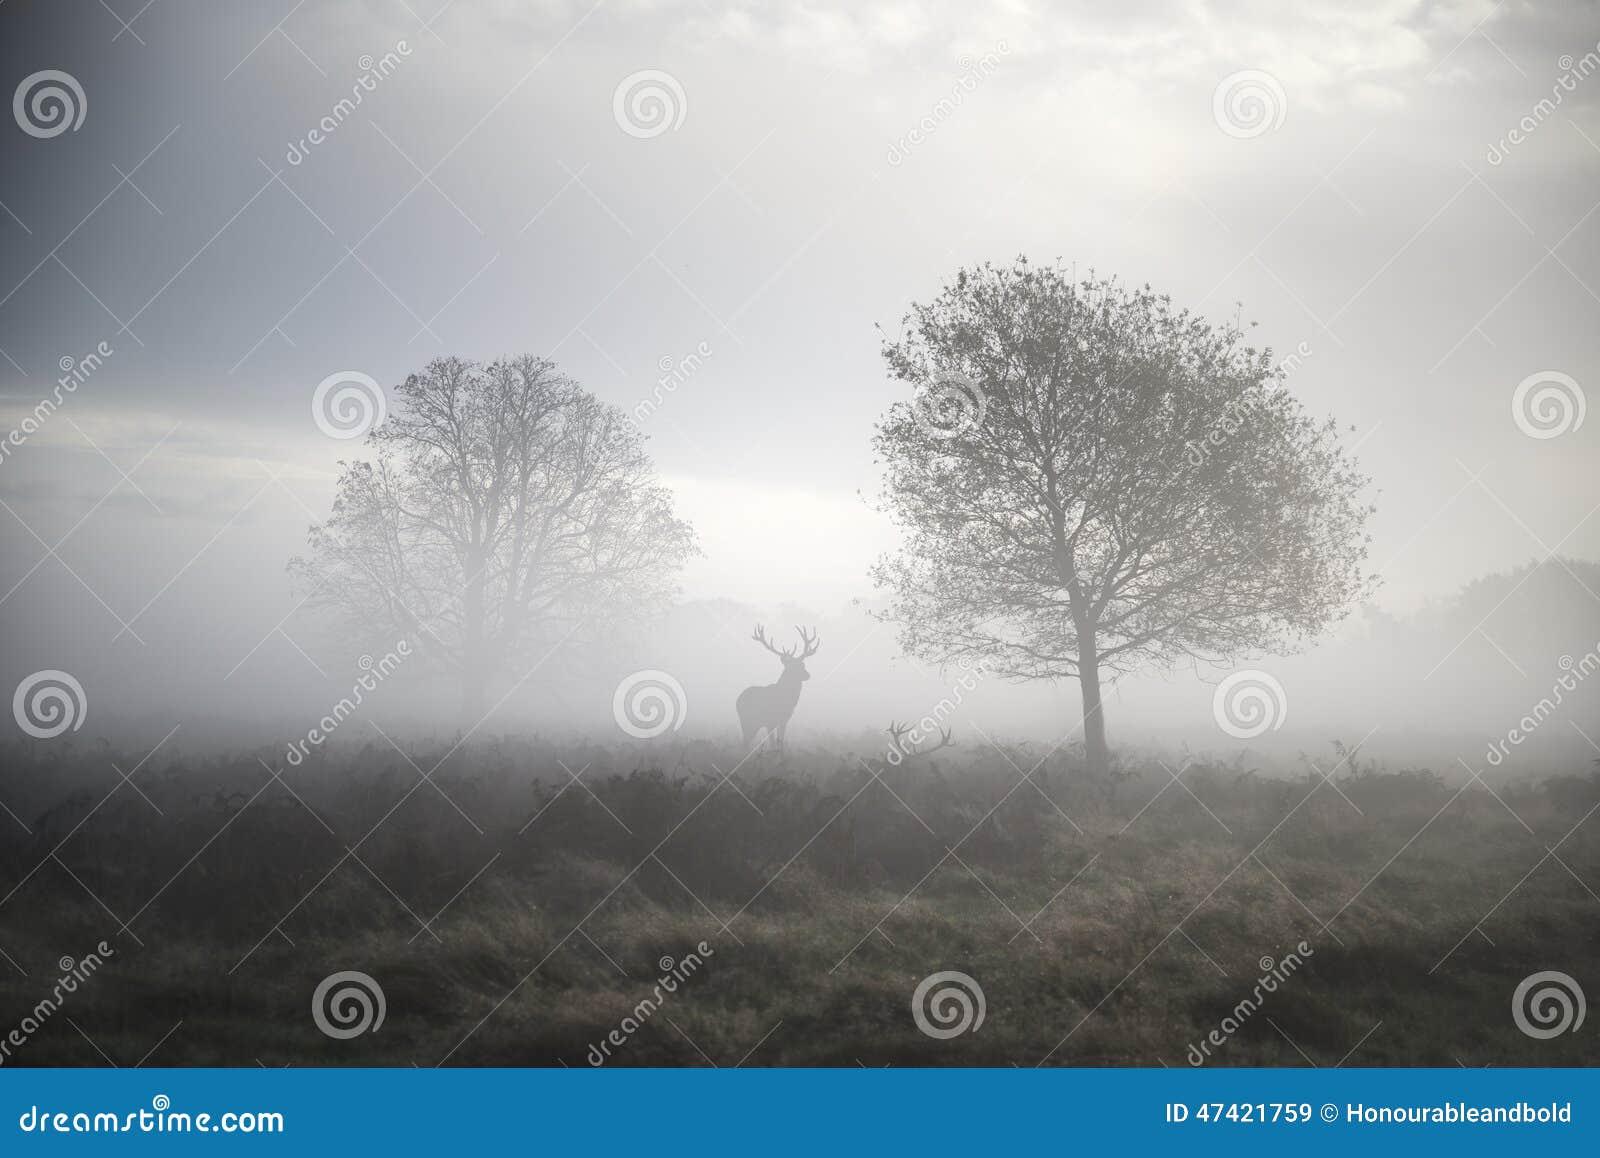 Veado dos veados vermelhos na paisagem nevoenta atmosférica do outono